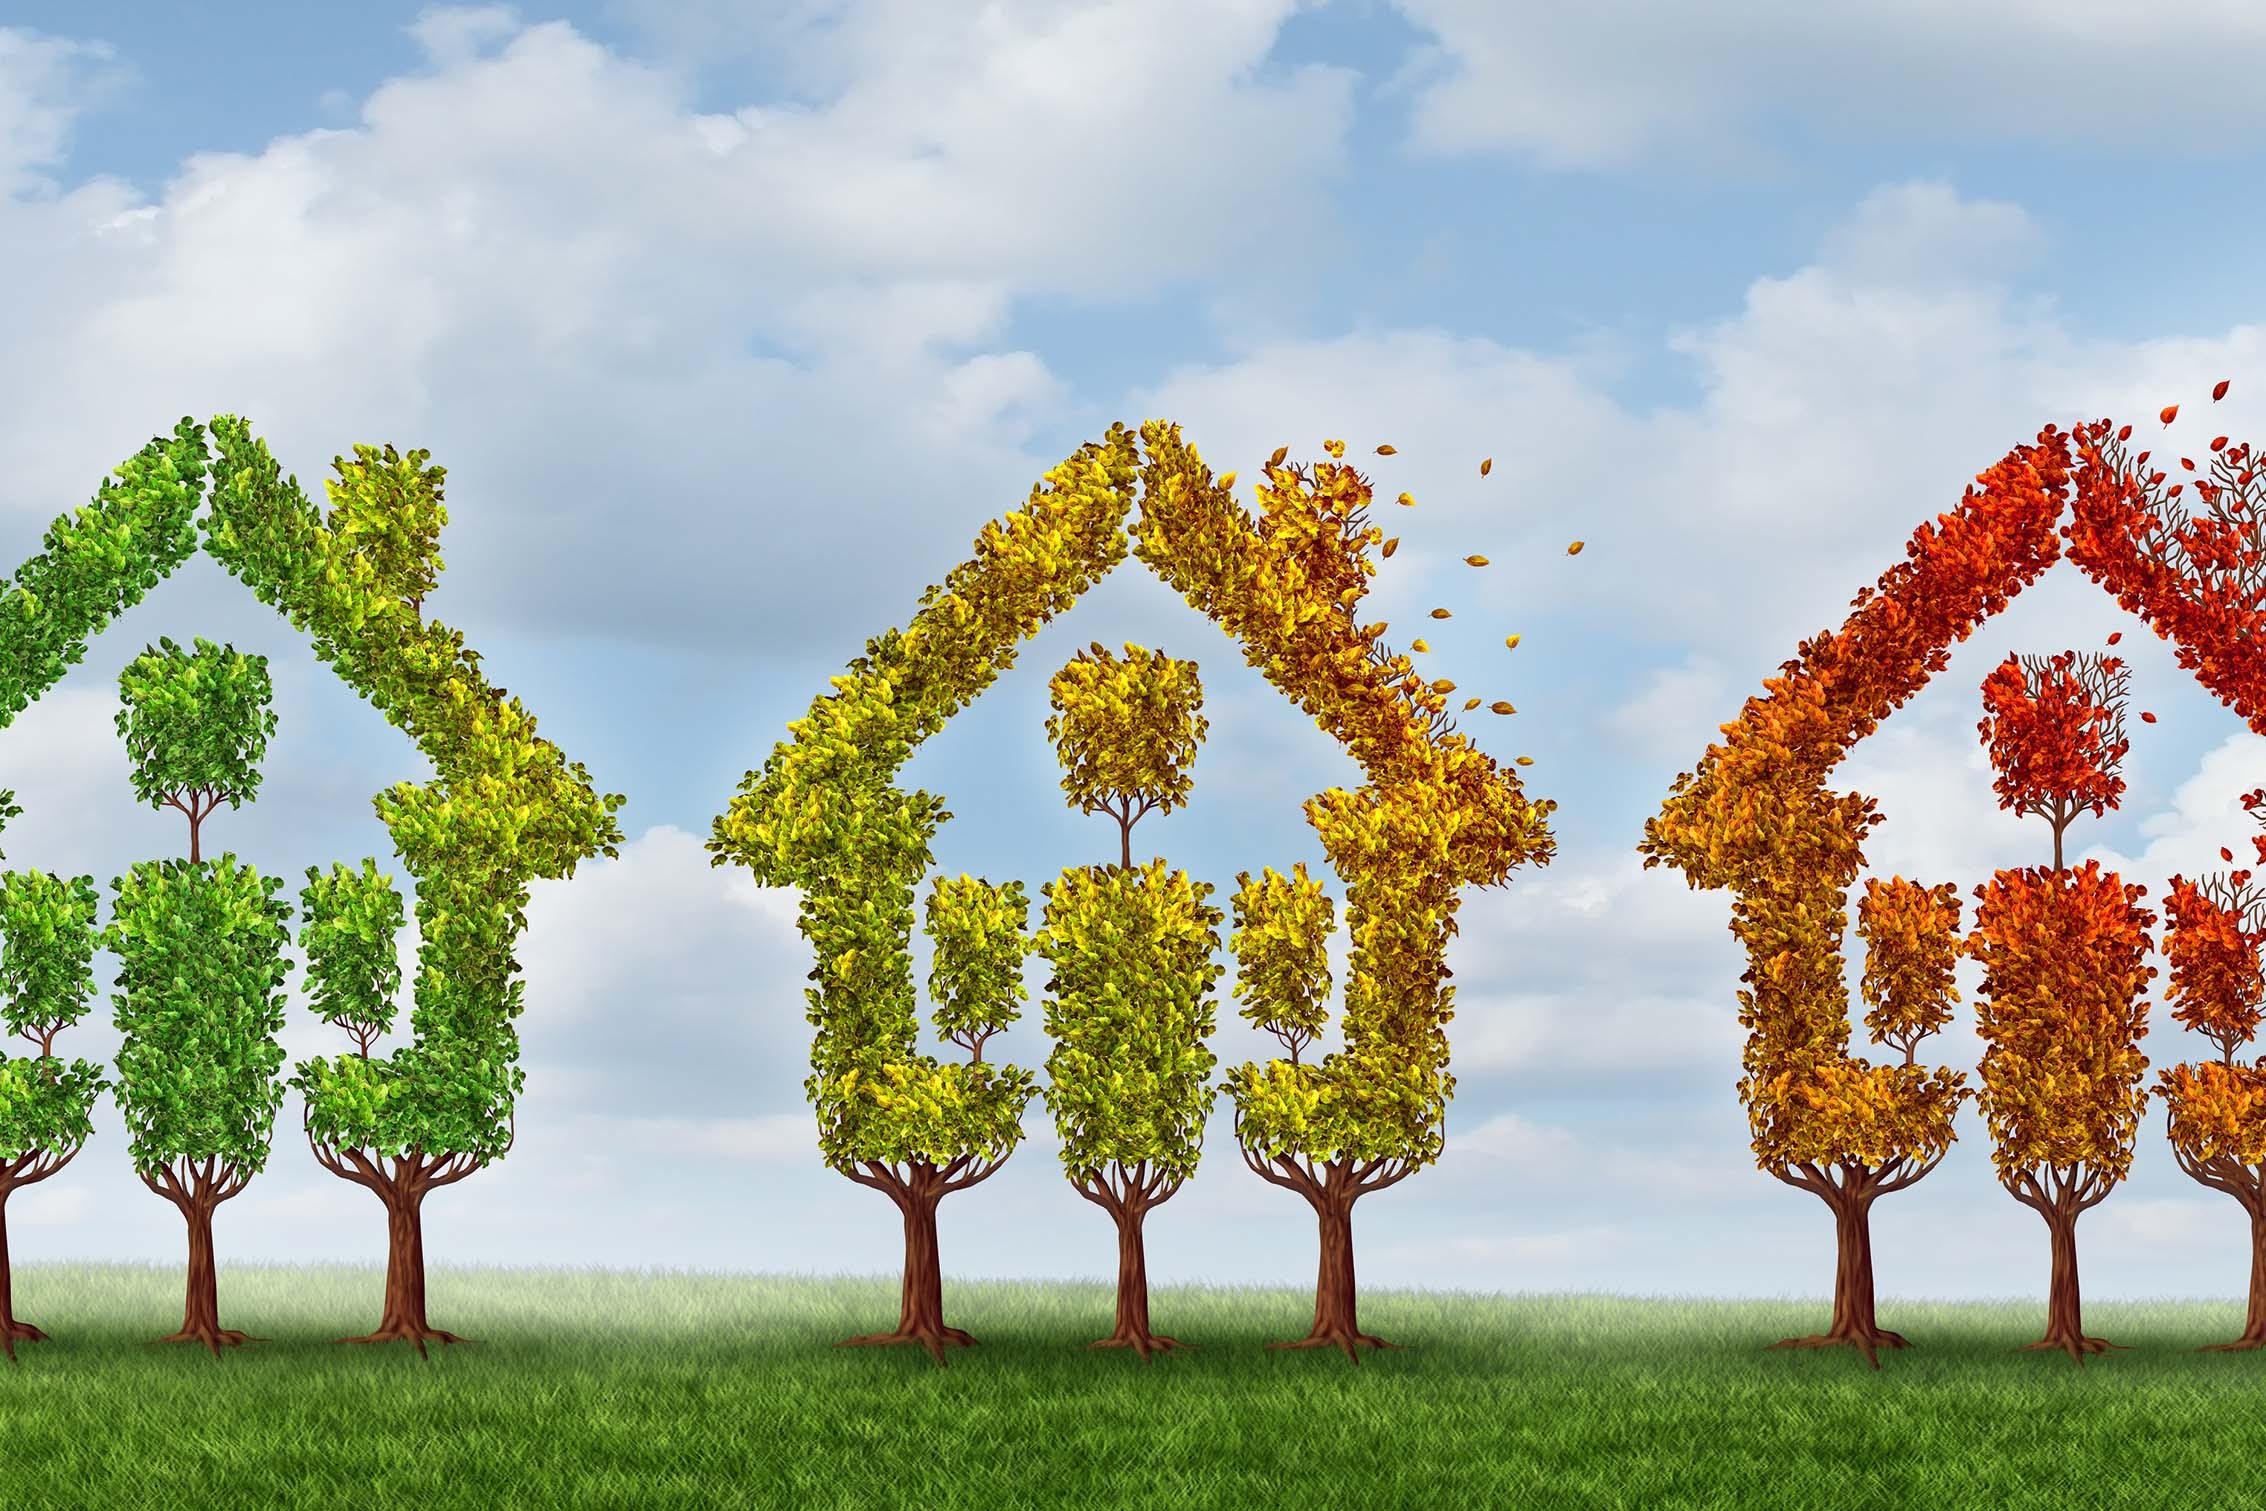 Wat is de beste periode om uw woning te verkopen? De invloed van het seizoen op de woningmarkt